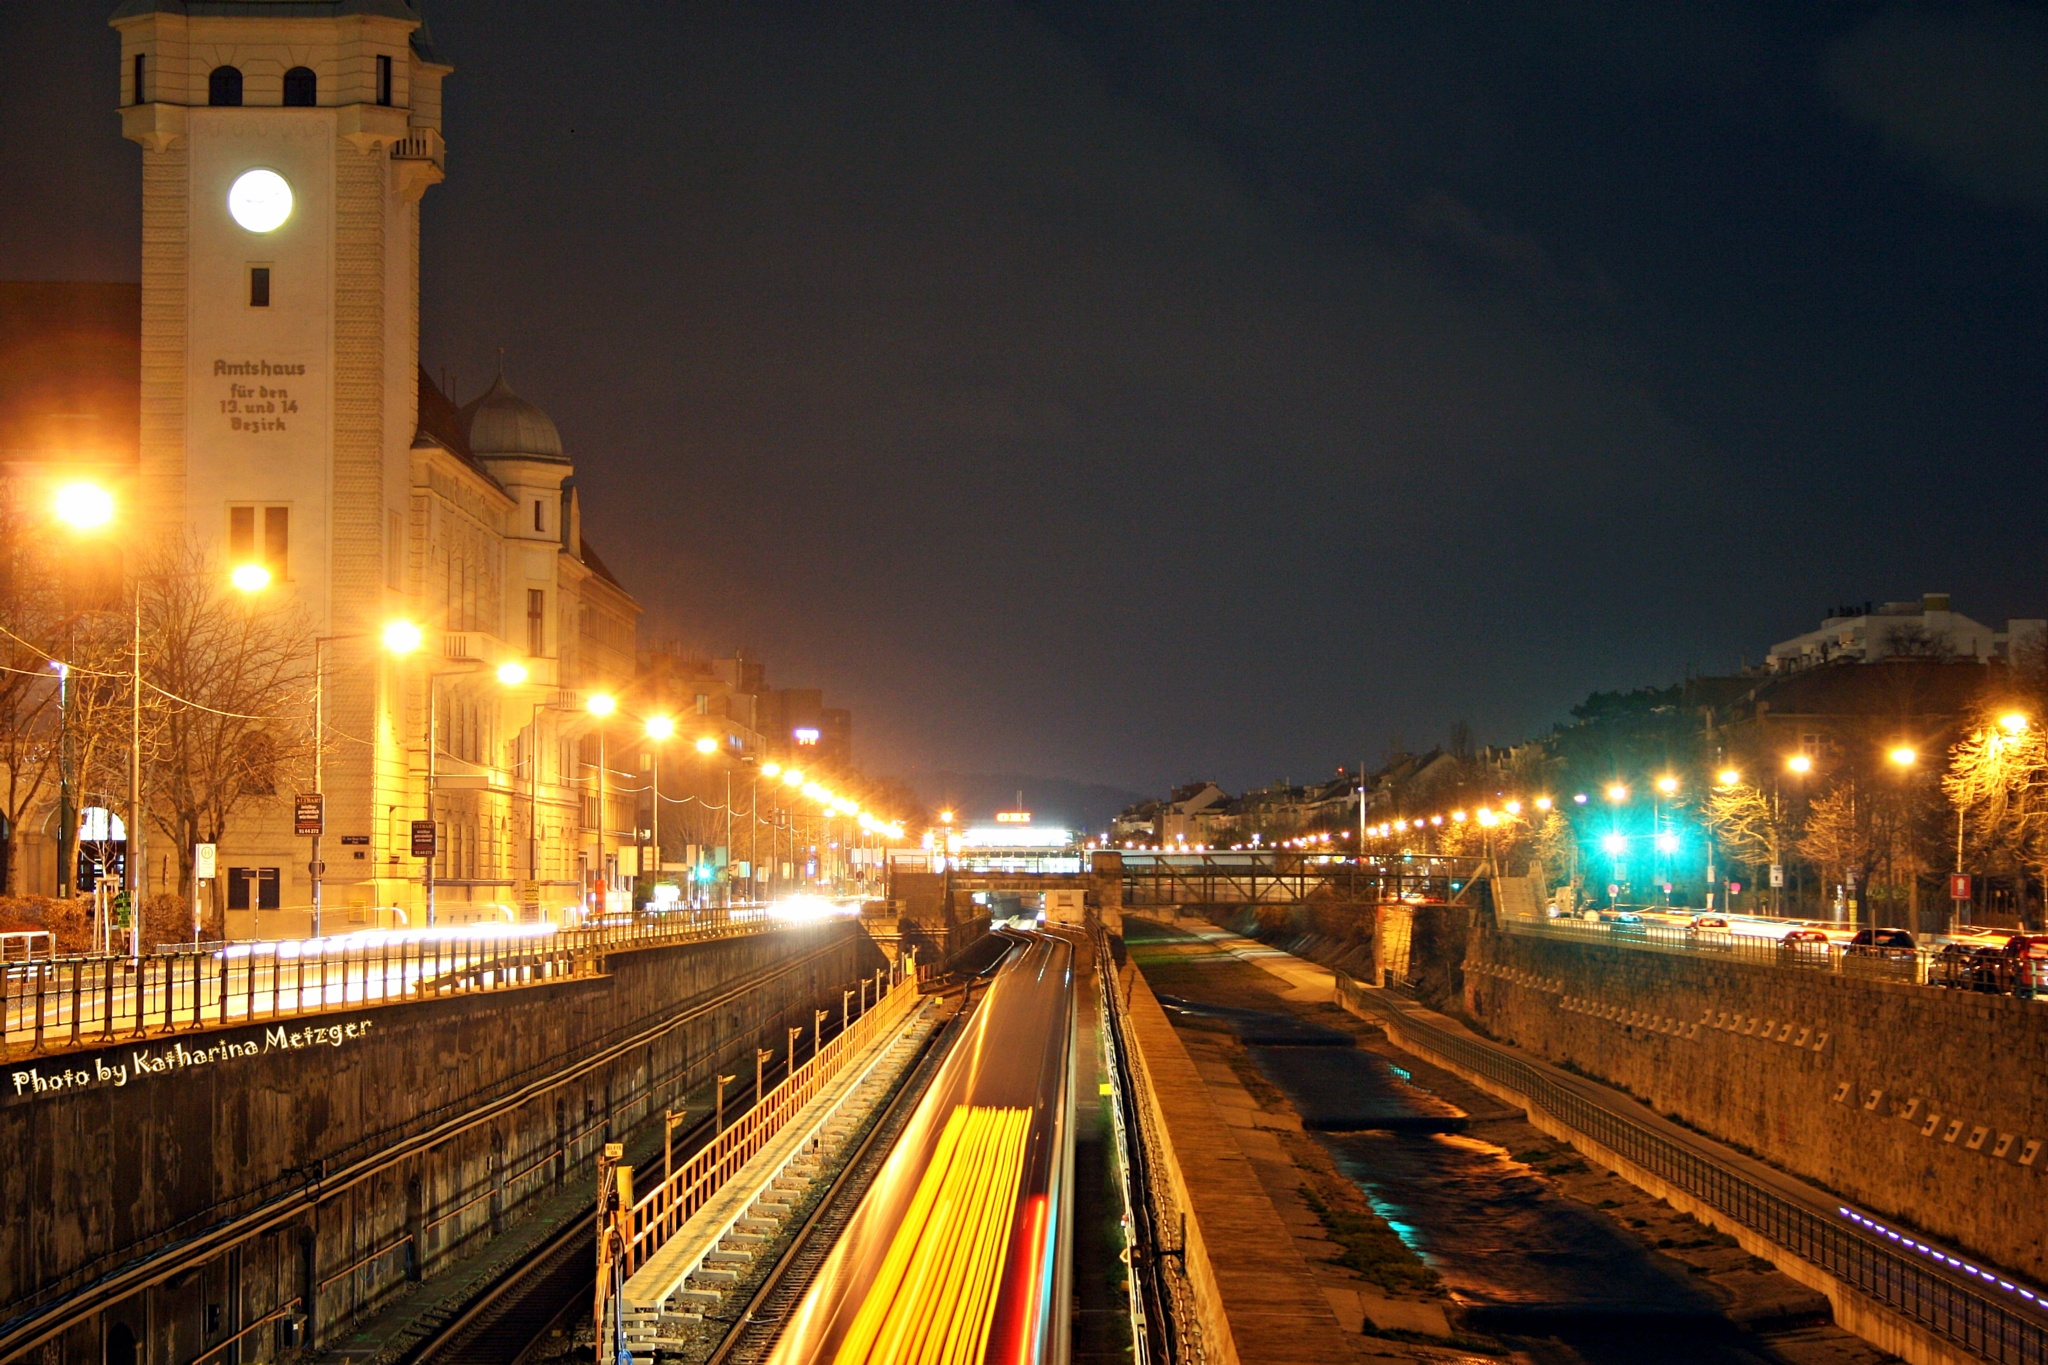 Wienfluss by night by feelyourlife13